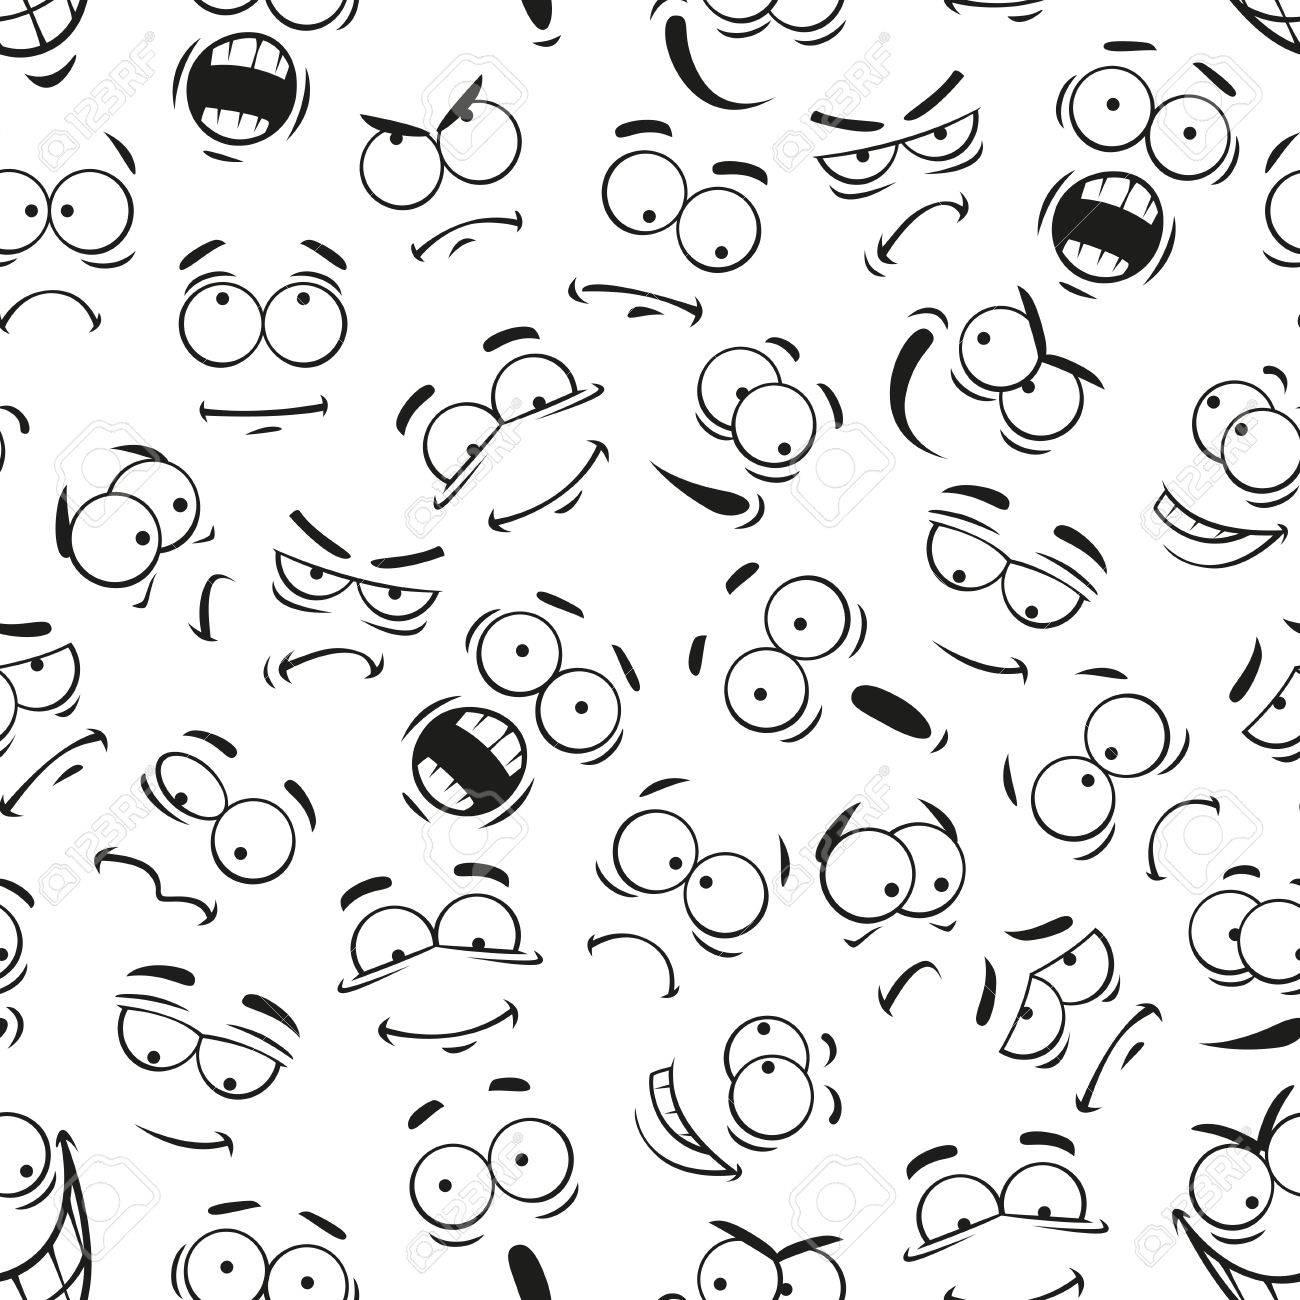 Rostro Humano Expresiones Patrón Vector Patrón De Caras De Dibujos Animados Con Expresiones Lindo Ojos Y La Boca Sonriente Feliz Y Molesto